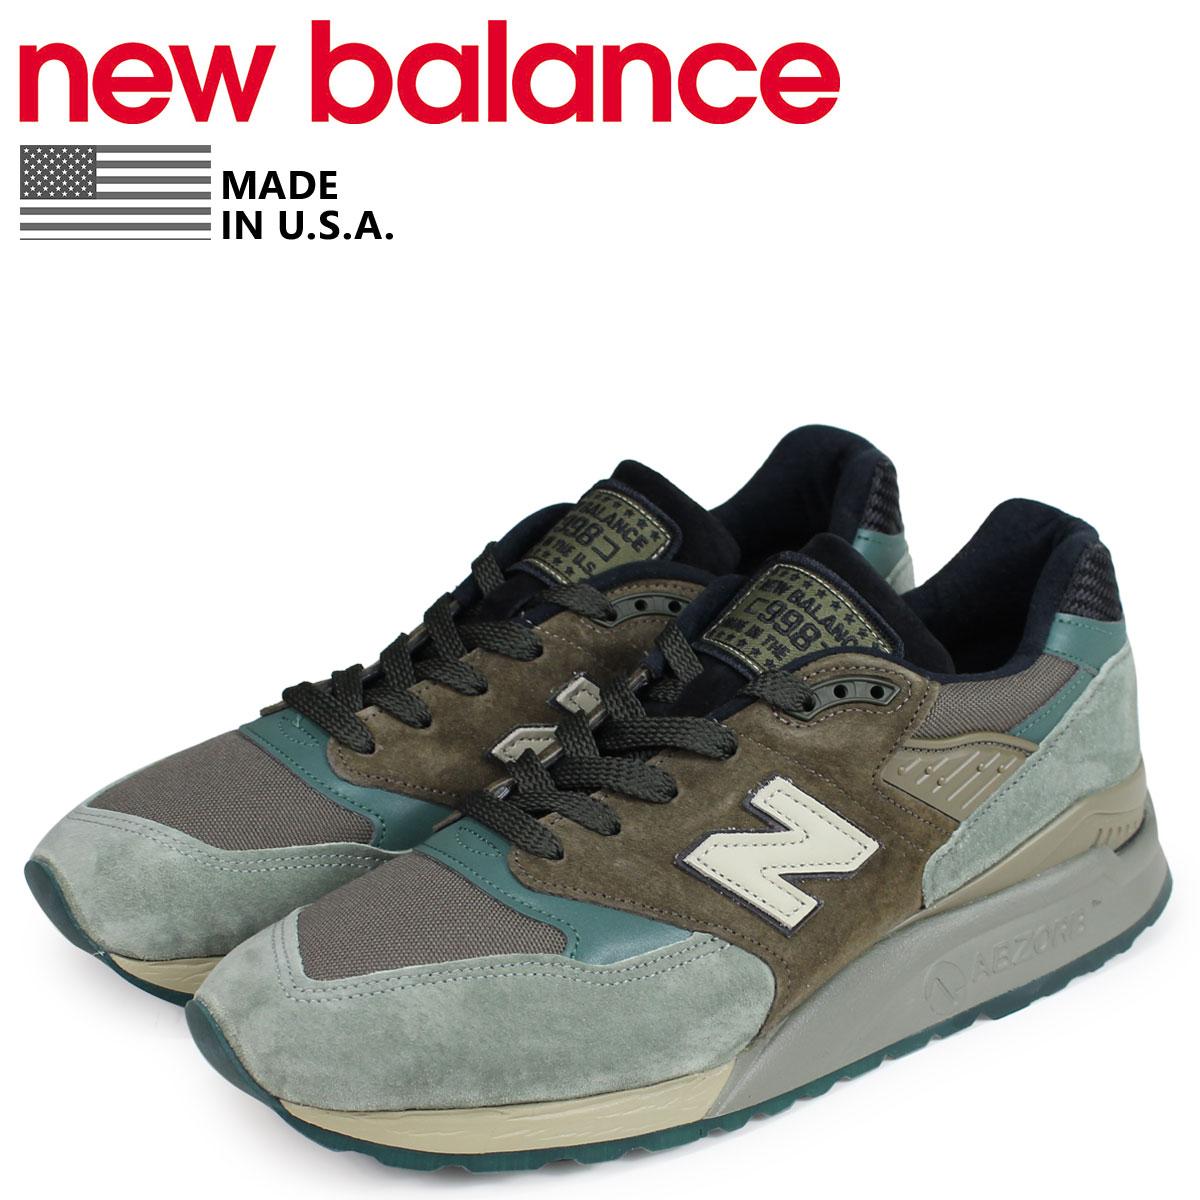 new balance ニューバランス 998 スニーカー メンズ Dワイズ MADE IN USA ブラウン M998AWA [3/11 追加入荷]